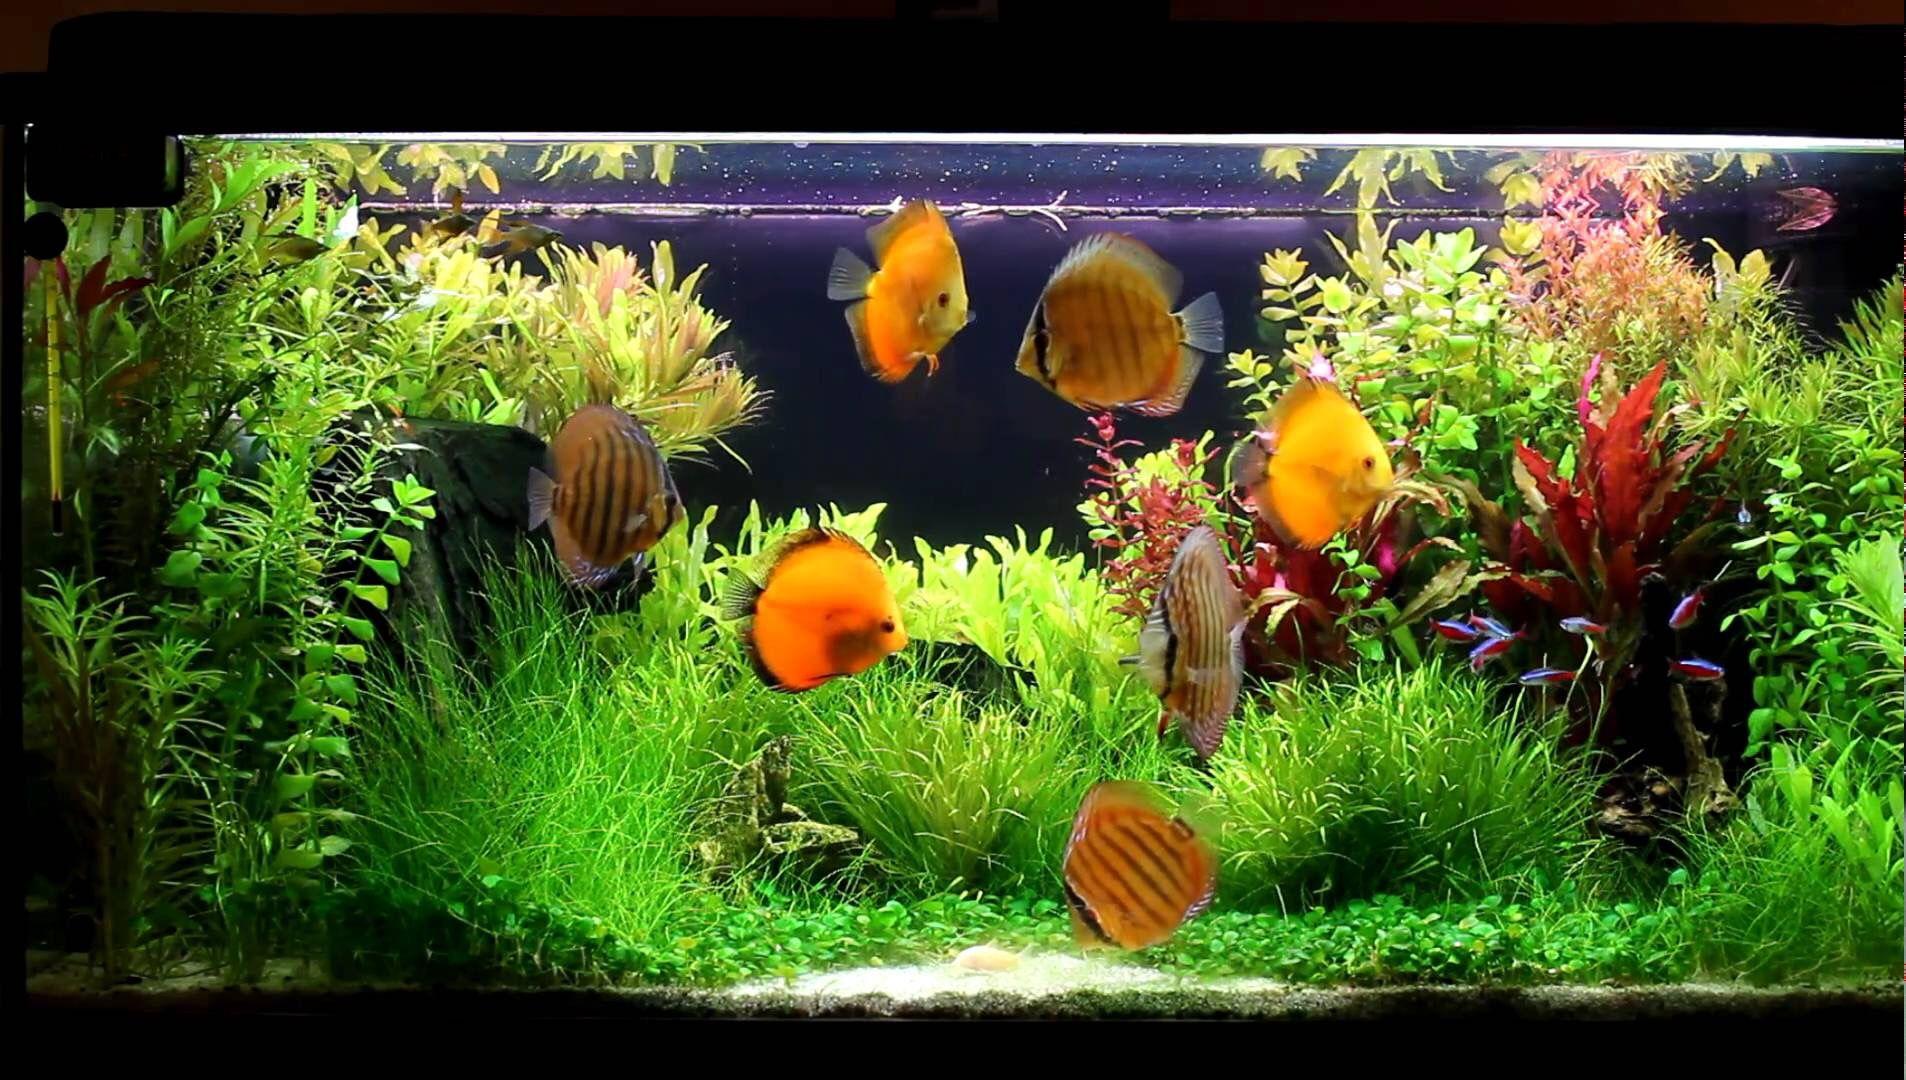 Discus Tank, Discus Aquarium, Discus Fish, Planted Aquarium, Aquarium Design,